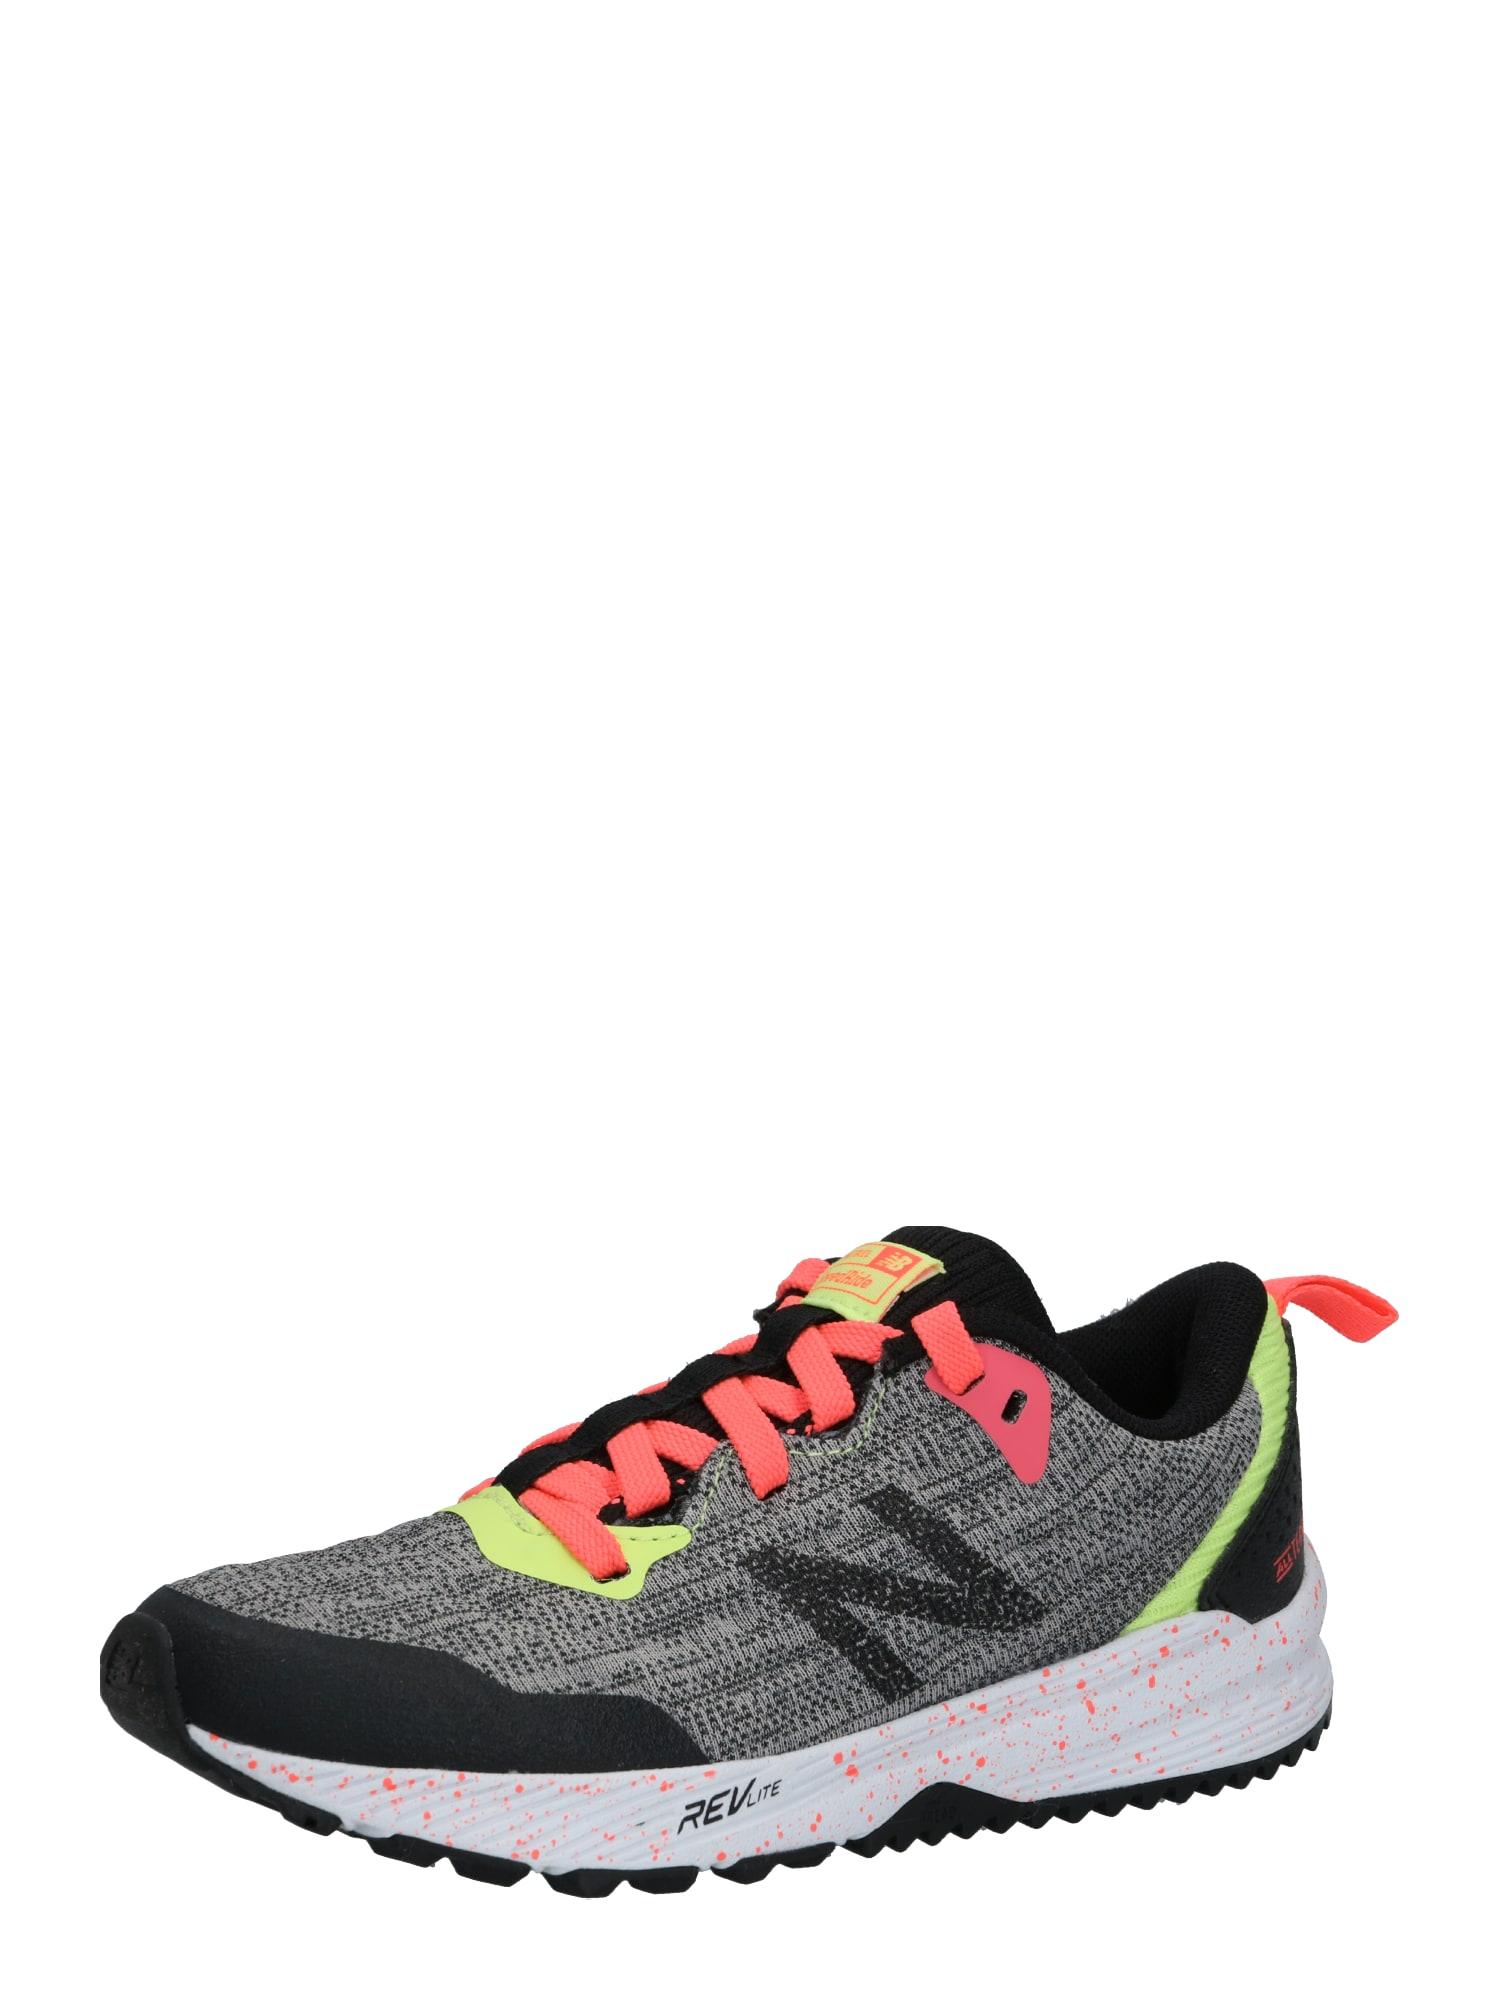 new balance Sportiniai batai 'YPNTR M' rožių spalva / pilka / juoda